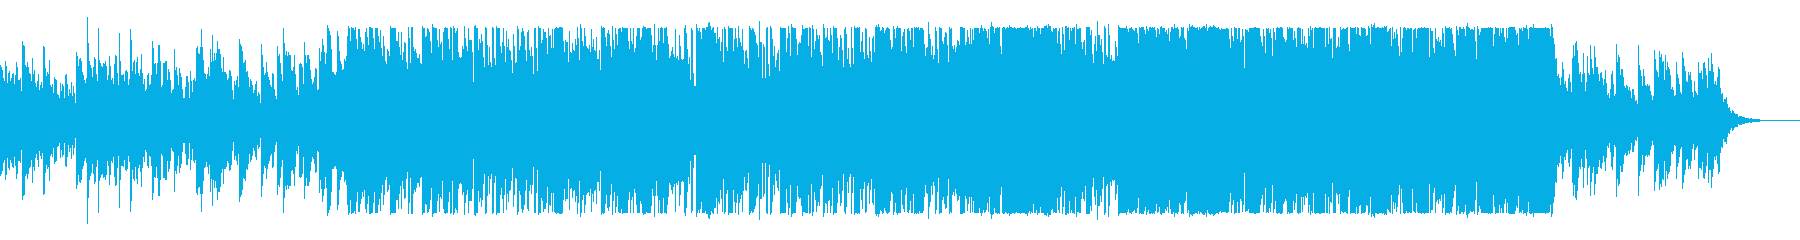 ベートーベン・悲壮 オルゴール+バンドの再生済みの波形